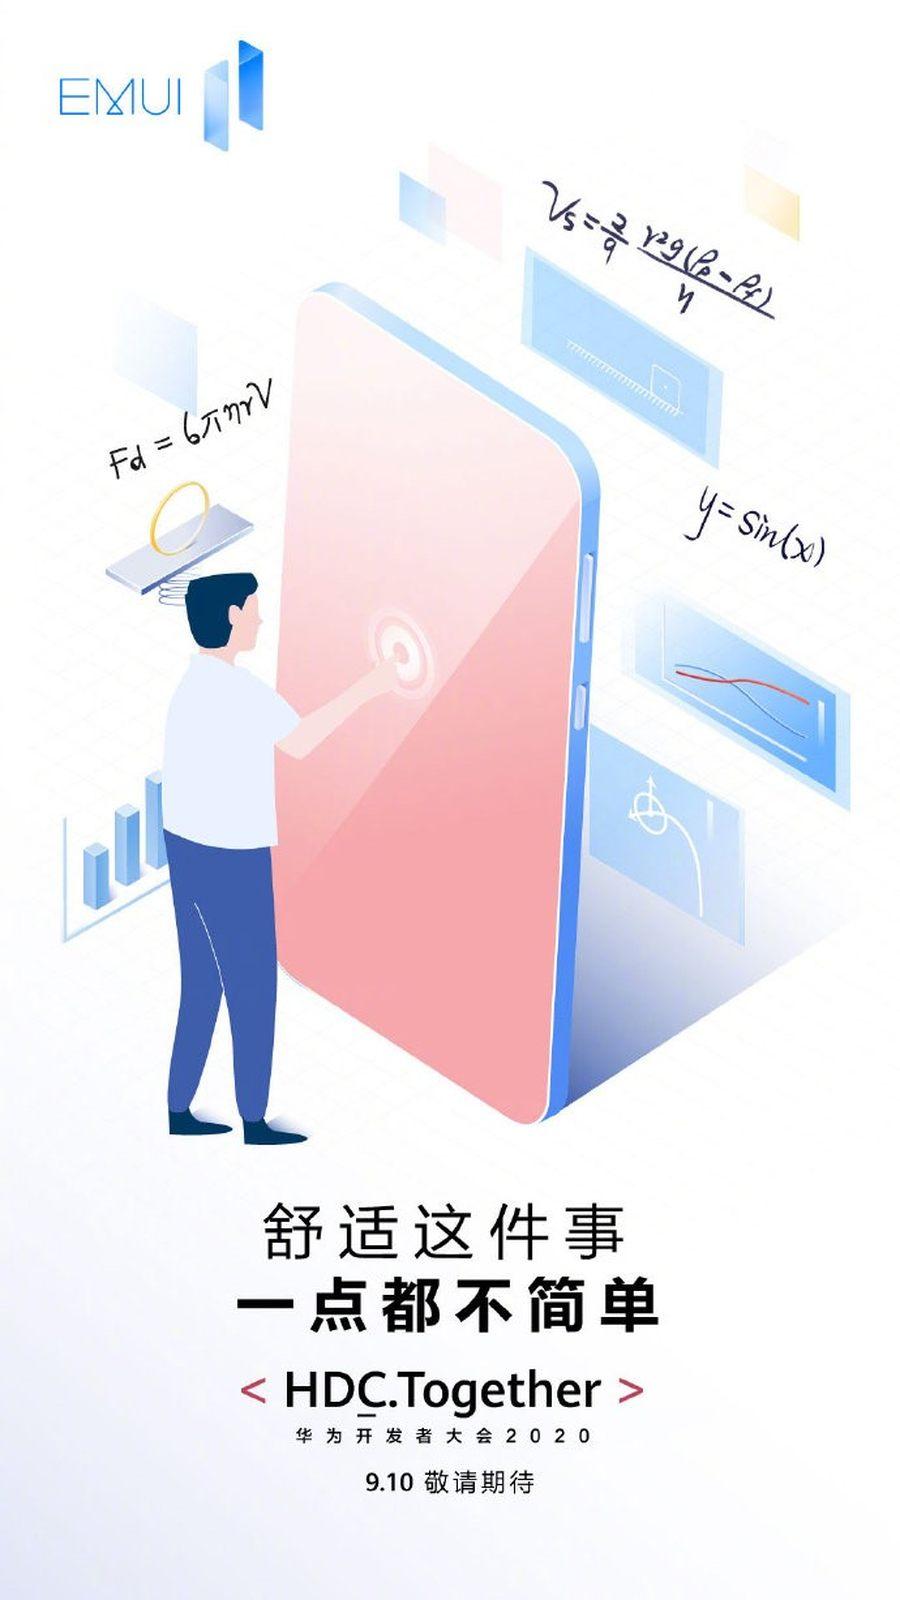 华为10号开发者大会,发布EMUI11和鸿蒙2.0